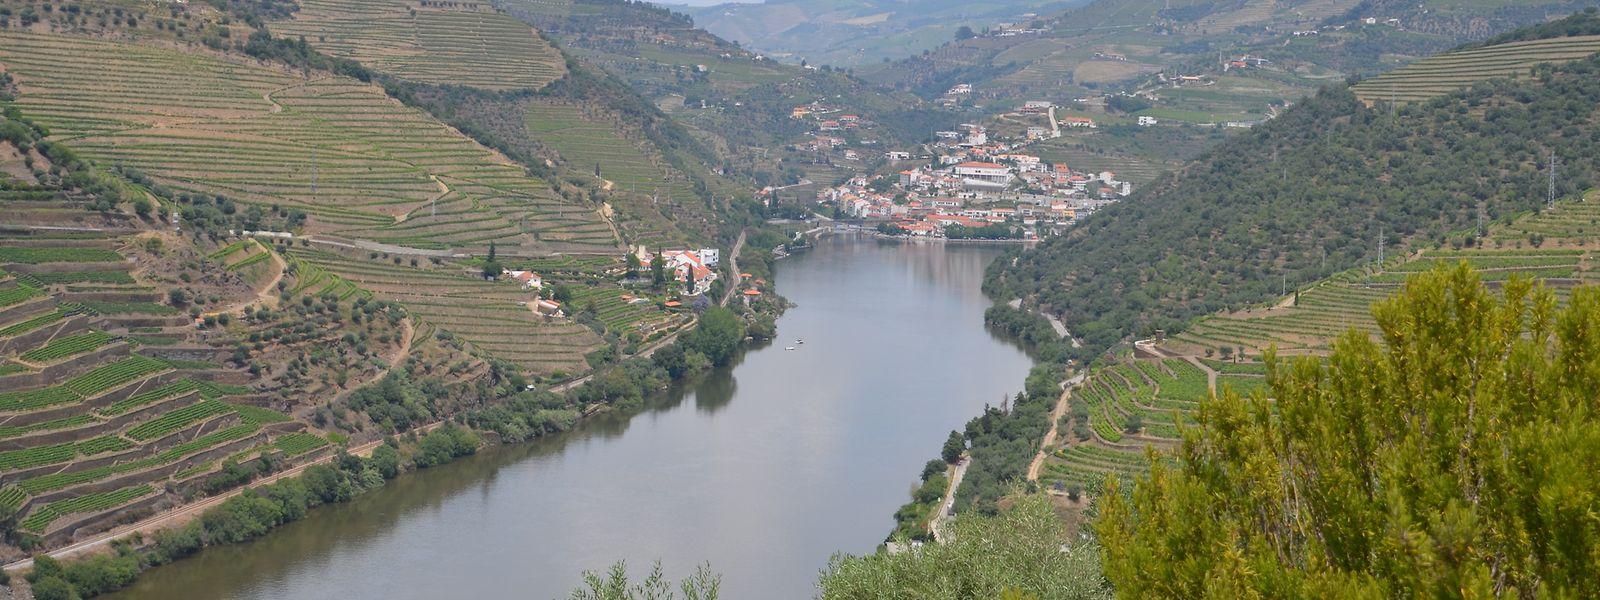 Der wohl schönste Ausblick auf das Tal des Portweins bot sich nach einem Besuch der Quinta do Seixo.